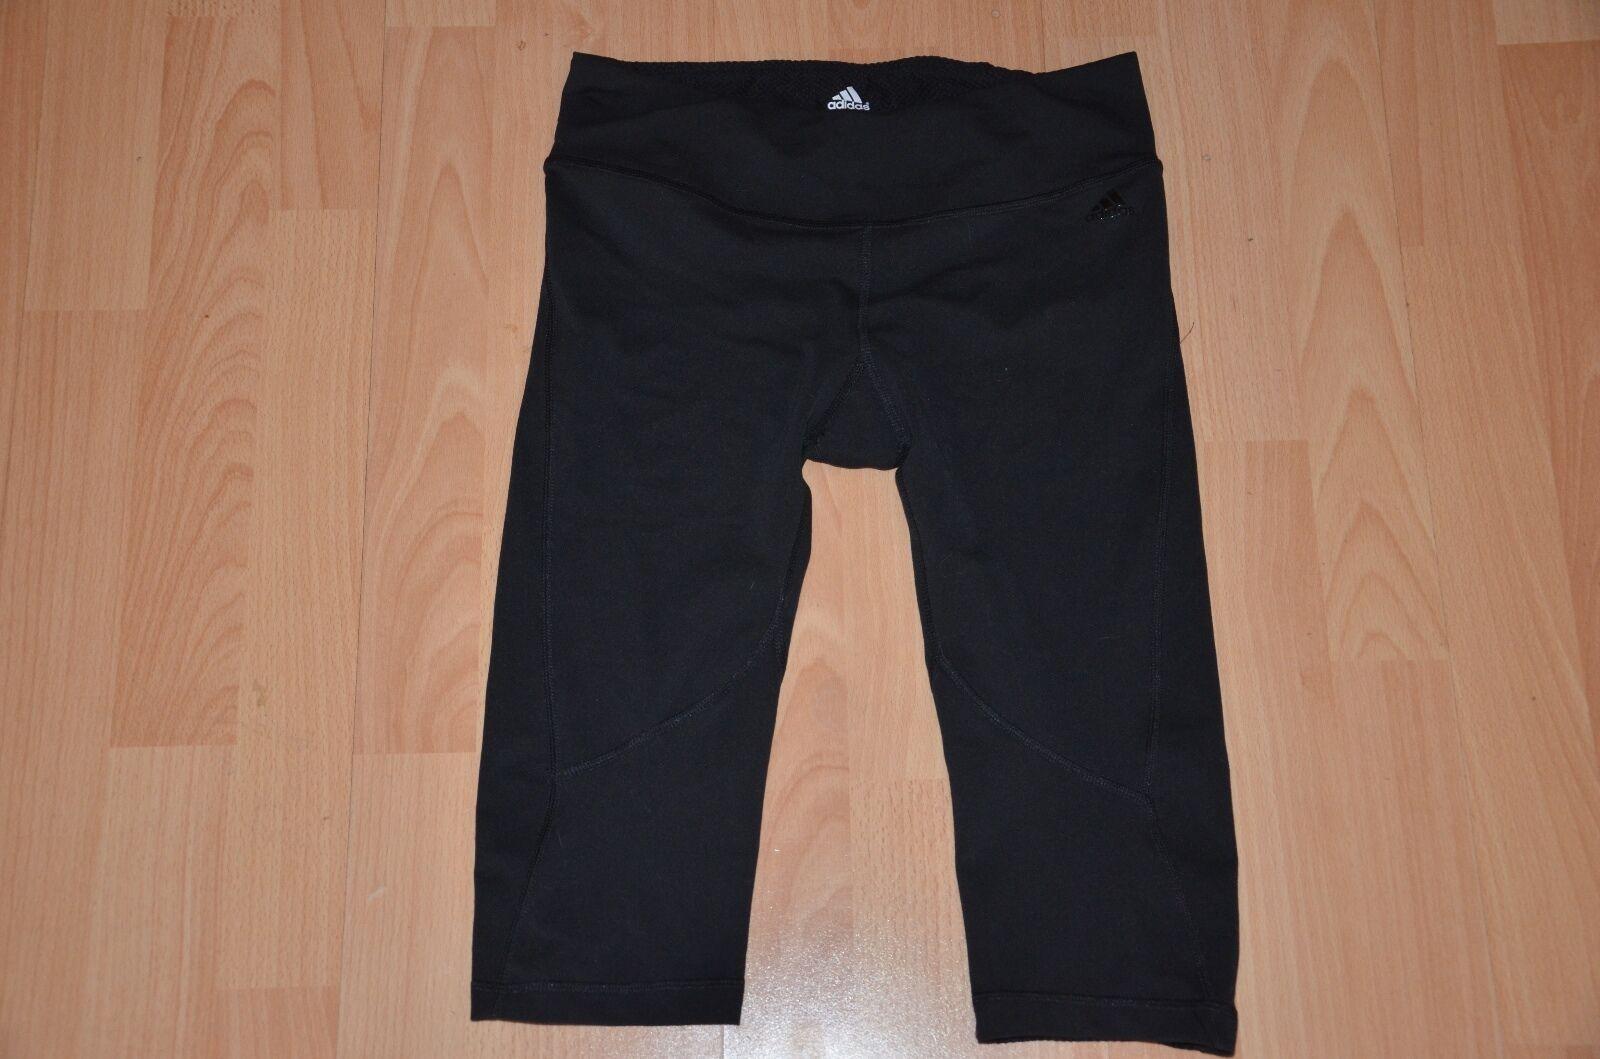 Die athletischen Leggings von Adidas für Damen haben schwarze Laufjogginggröße S